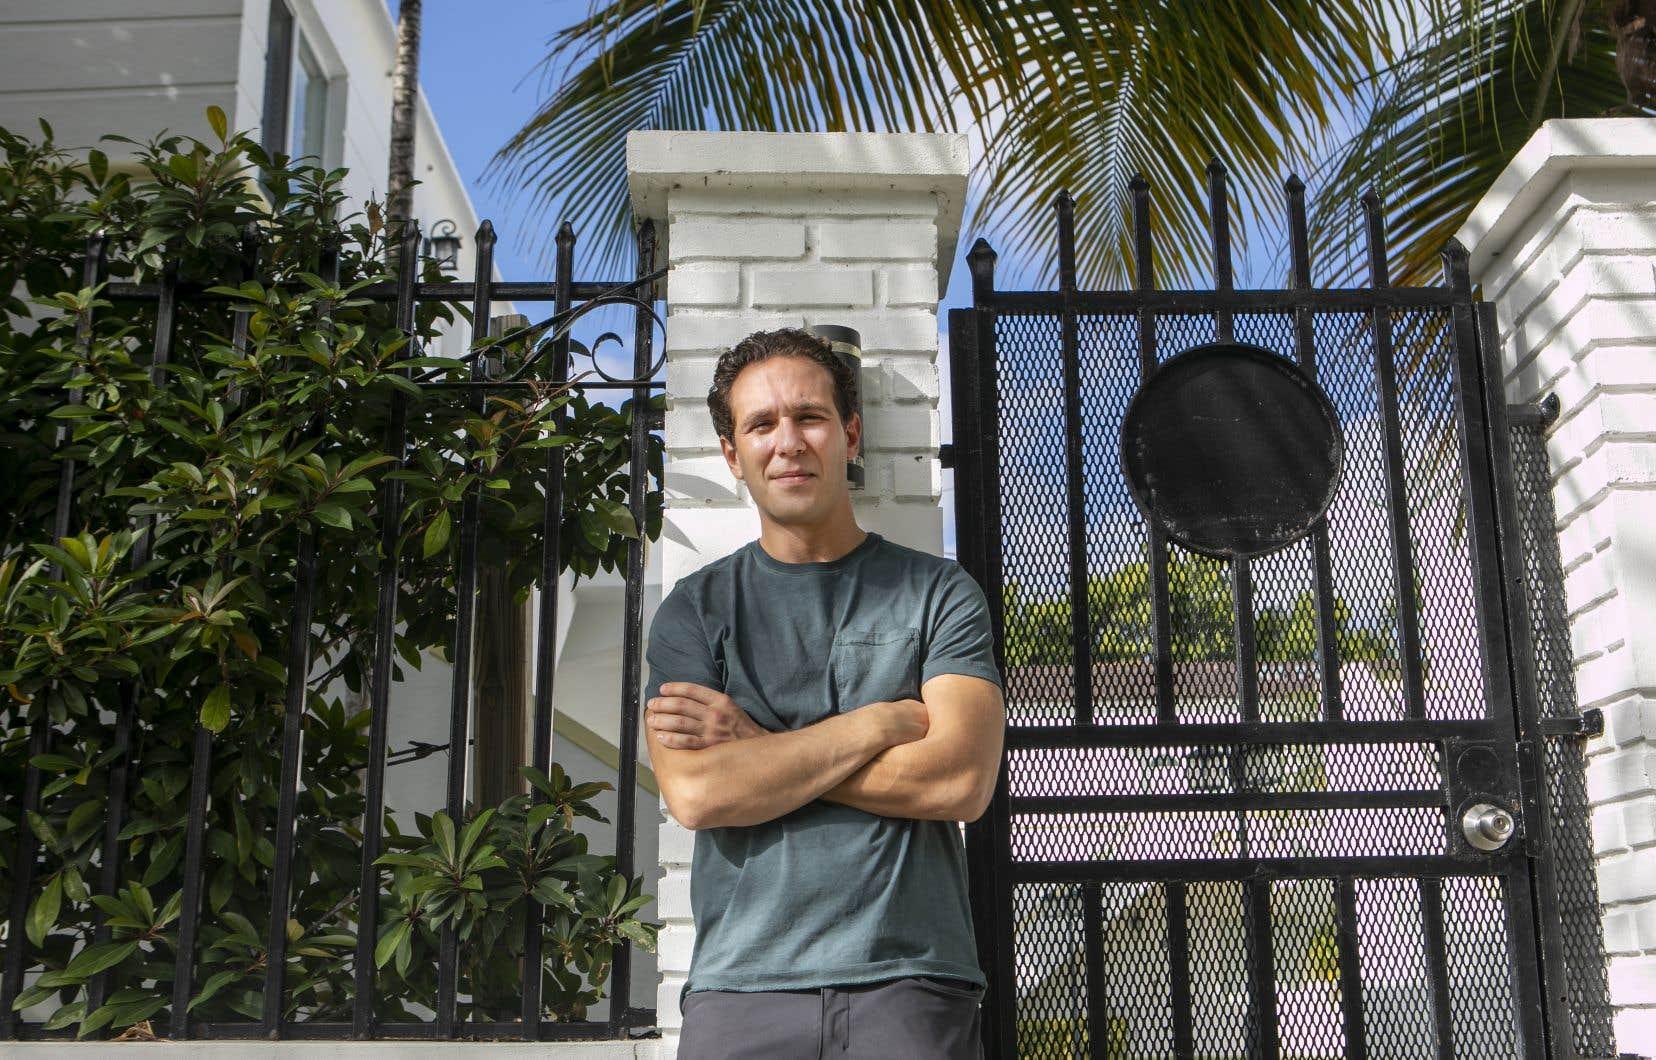 La plus grande réussite du Parti républicain est de maintenir les Cubains dans un climat de terreur, estime Mike Ortiz, 34 ans.